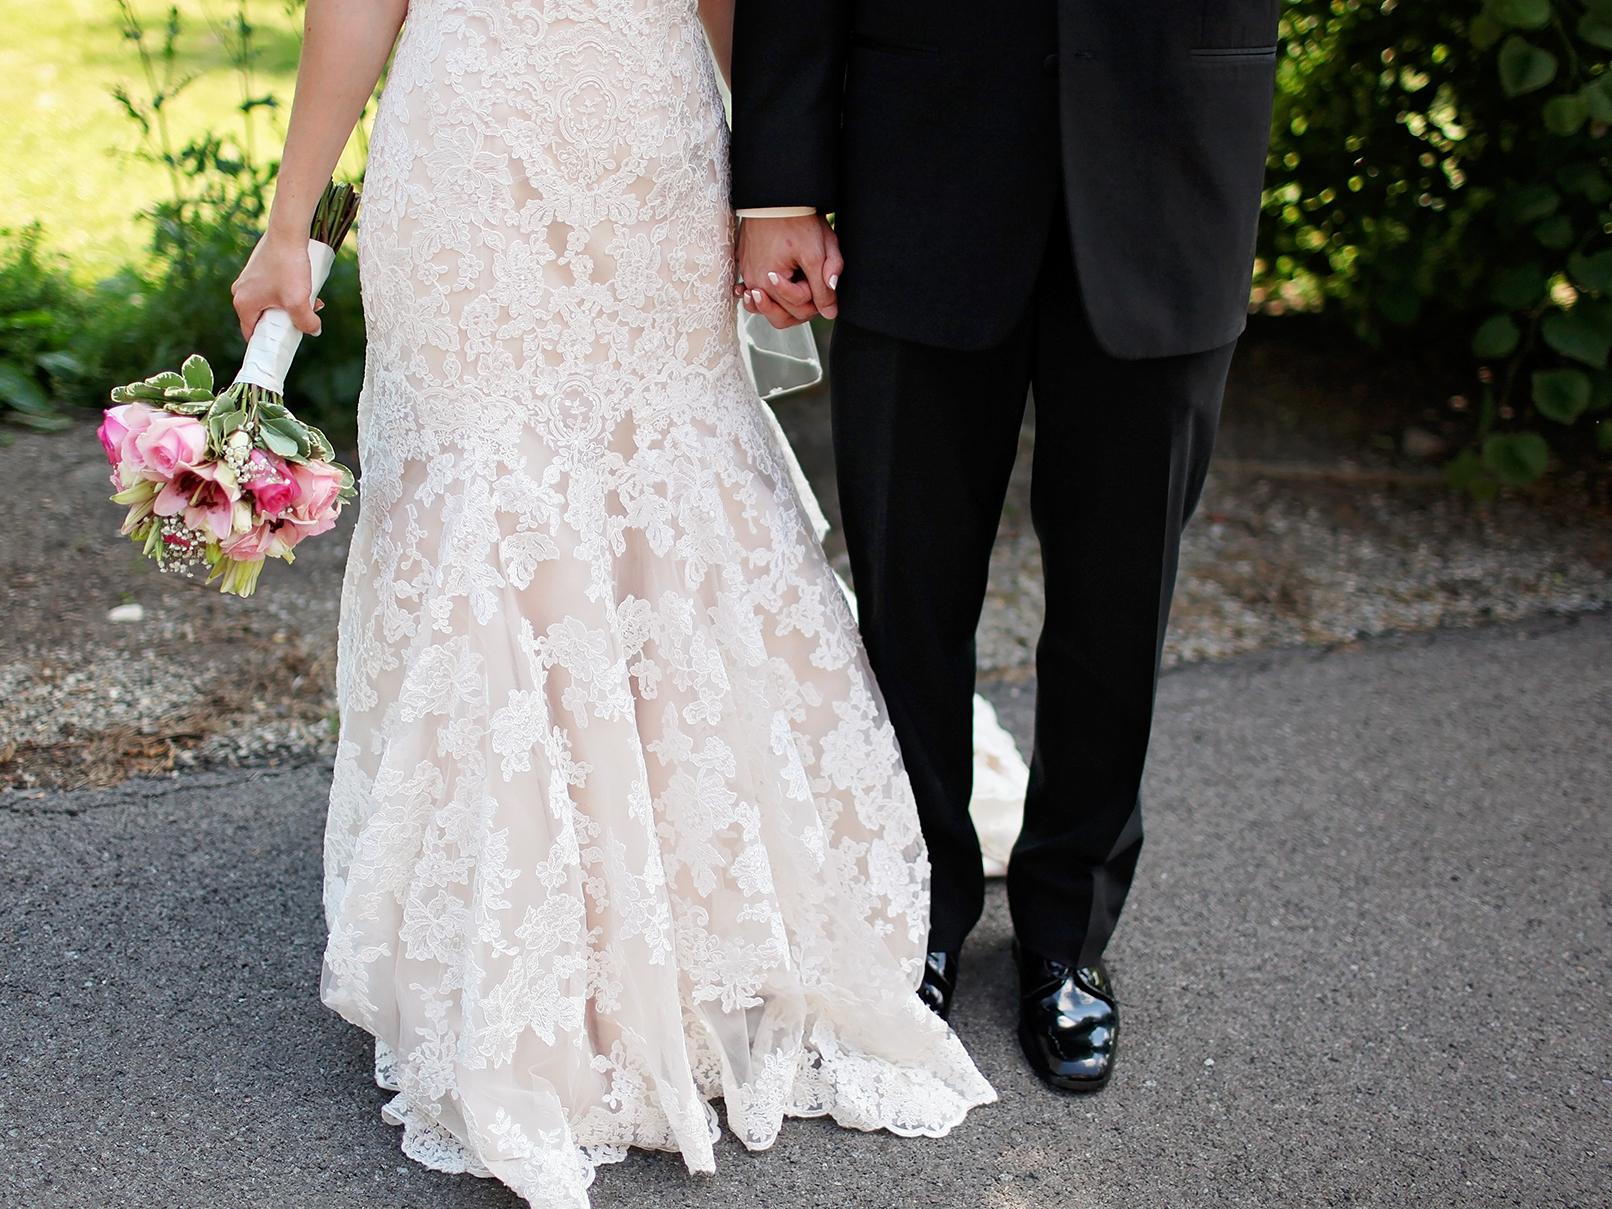 Brautkleider – Formen, Schnitte Und Stile Für Deinen